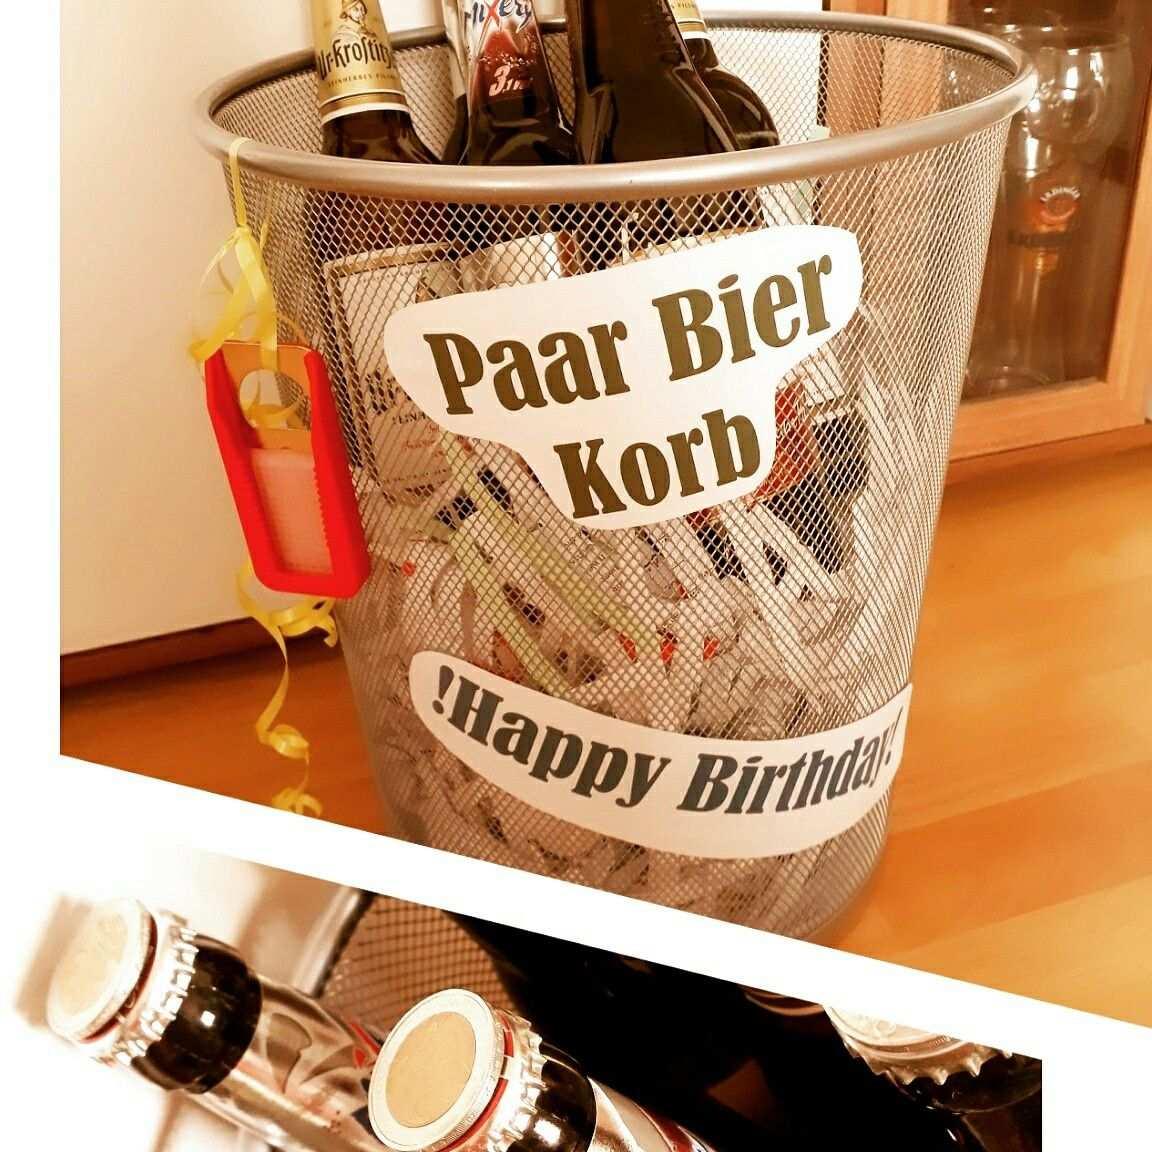 Paar Bier Korb Geschenke Verpacken Geburtstag Kinder Geschenke Verpacken Geburtstag Geschenke